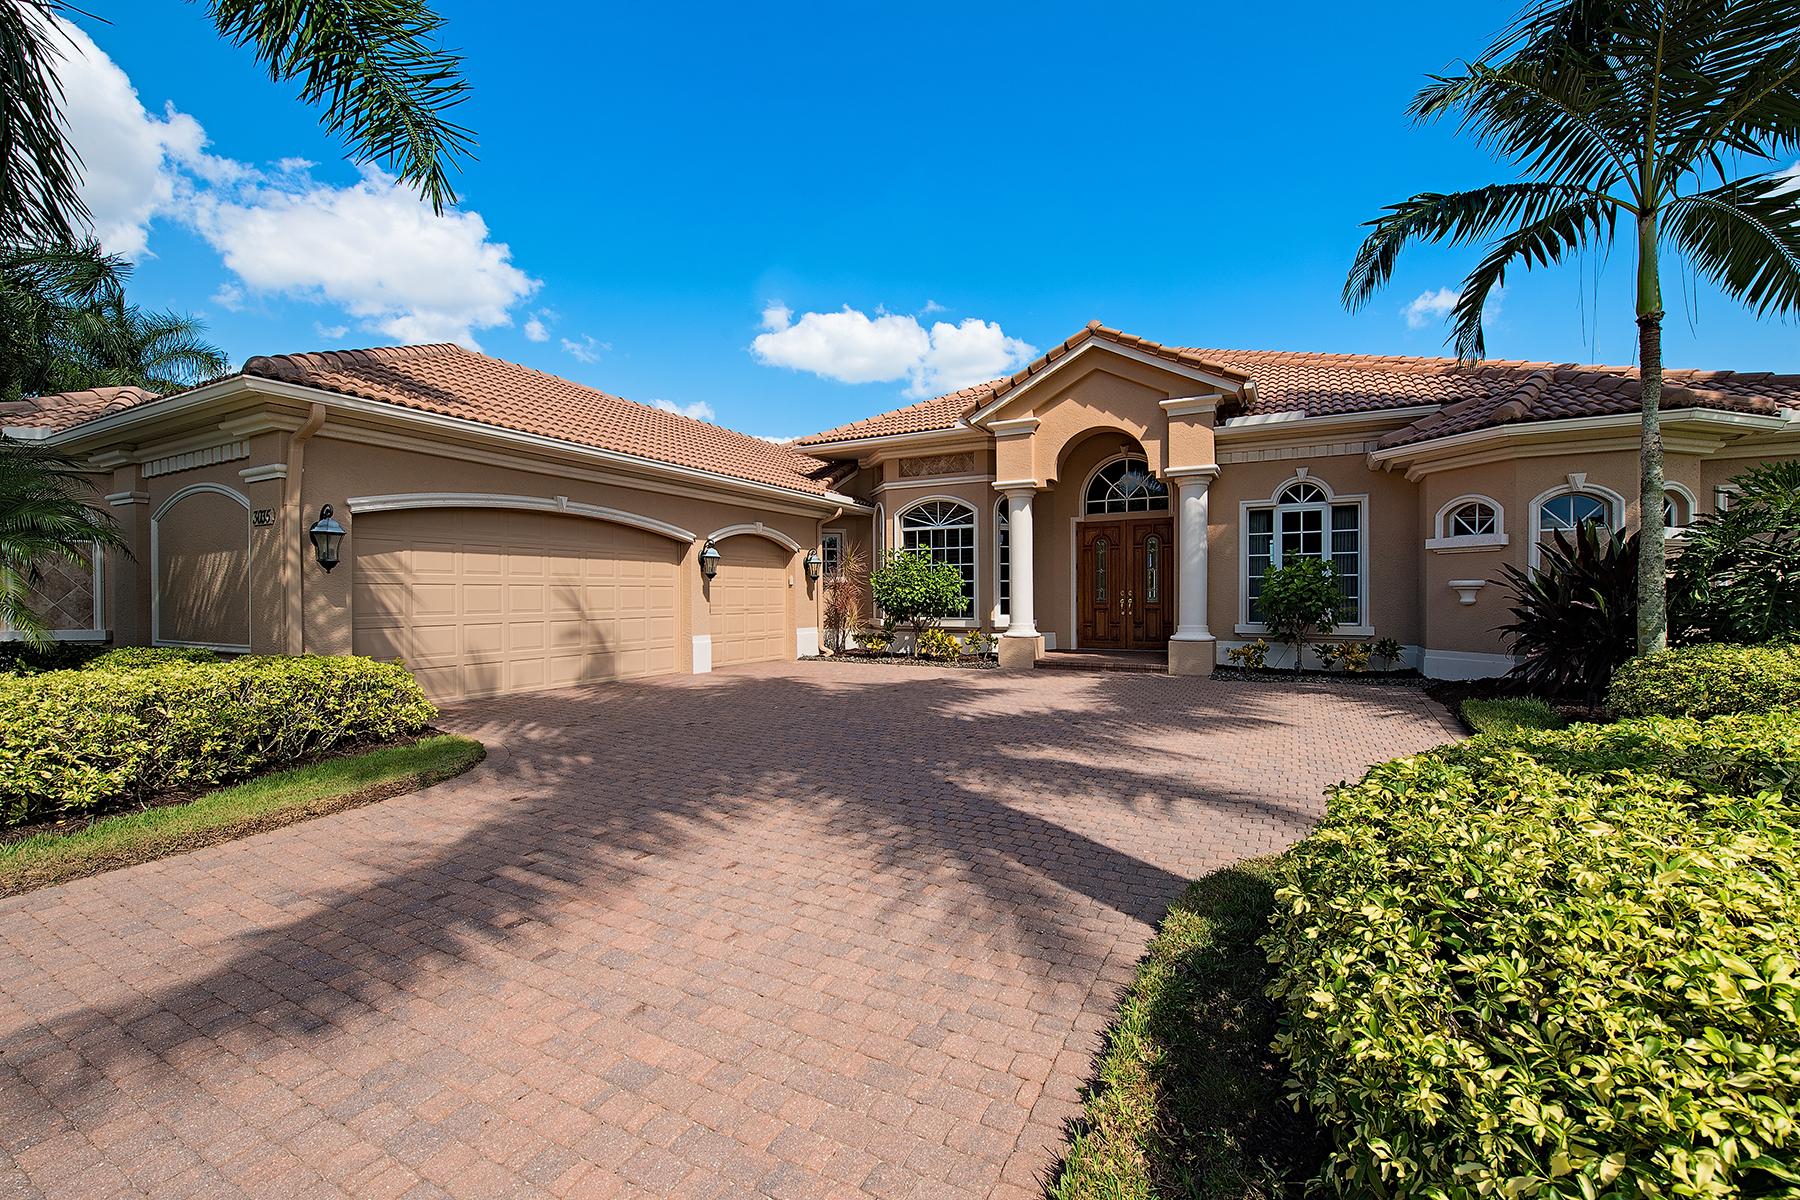 独户住宅 为 销售 在 OLDE CYPRESS - DA VINCI ESTATES 3035 Mona Lisa Blvd 那不勒斯, 佛罗里达州, 34119 美国